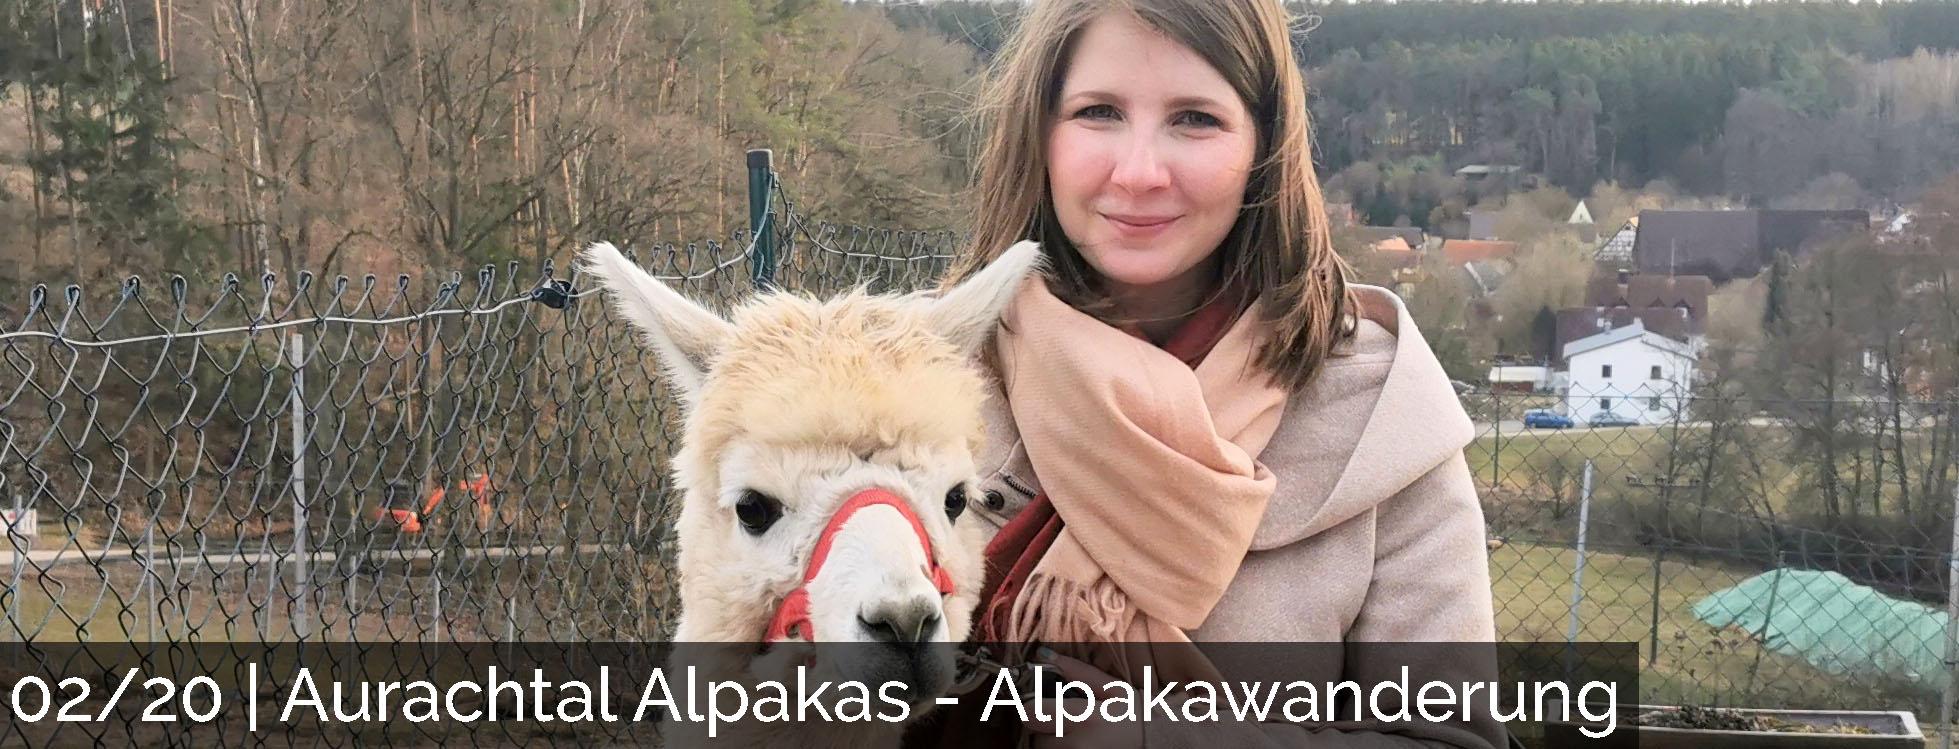 Alpaka-Wanderung (2)